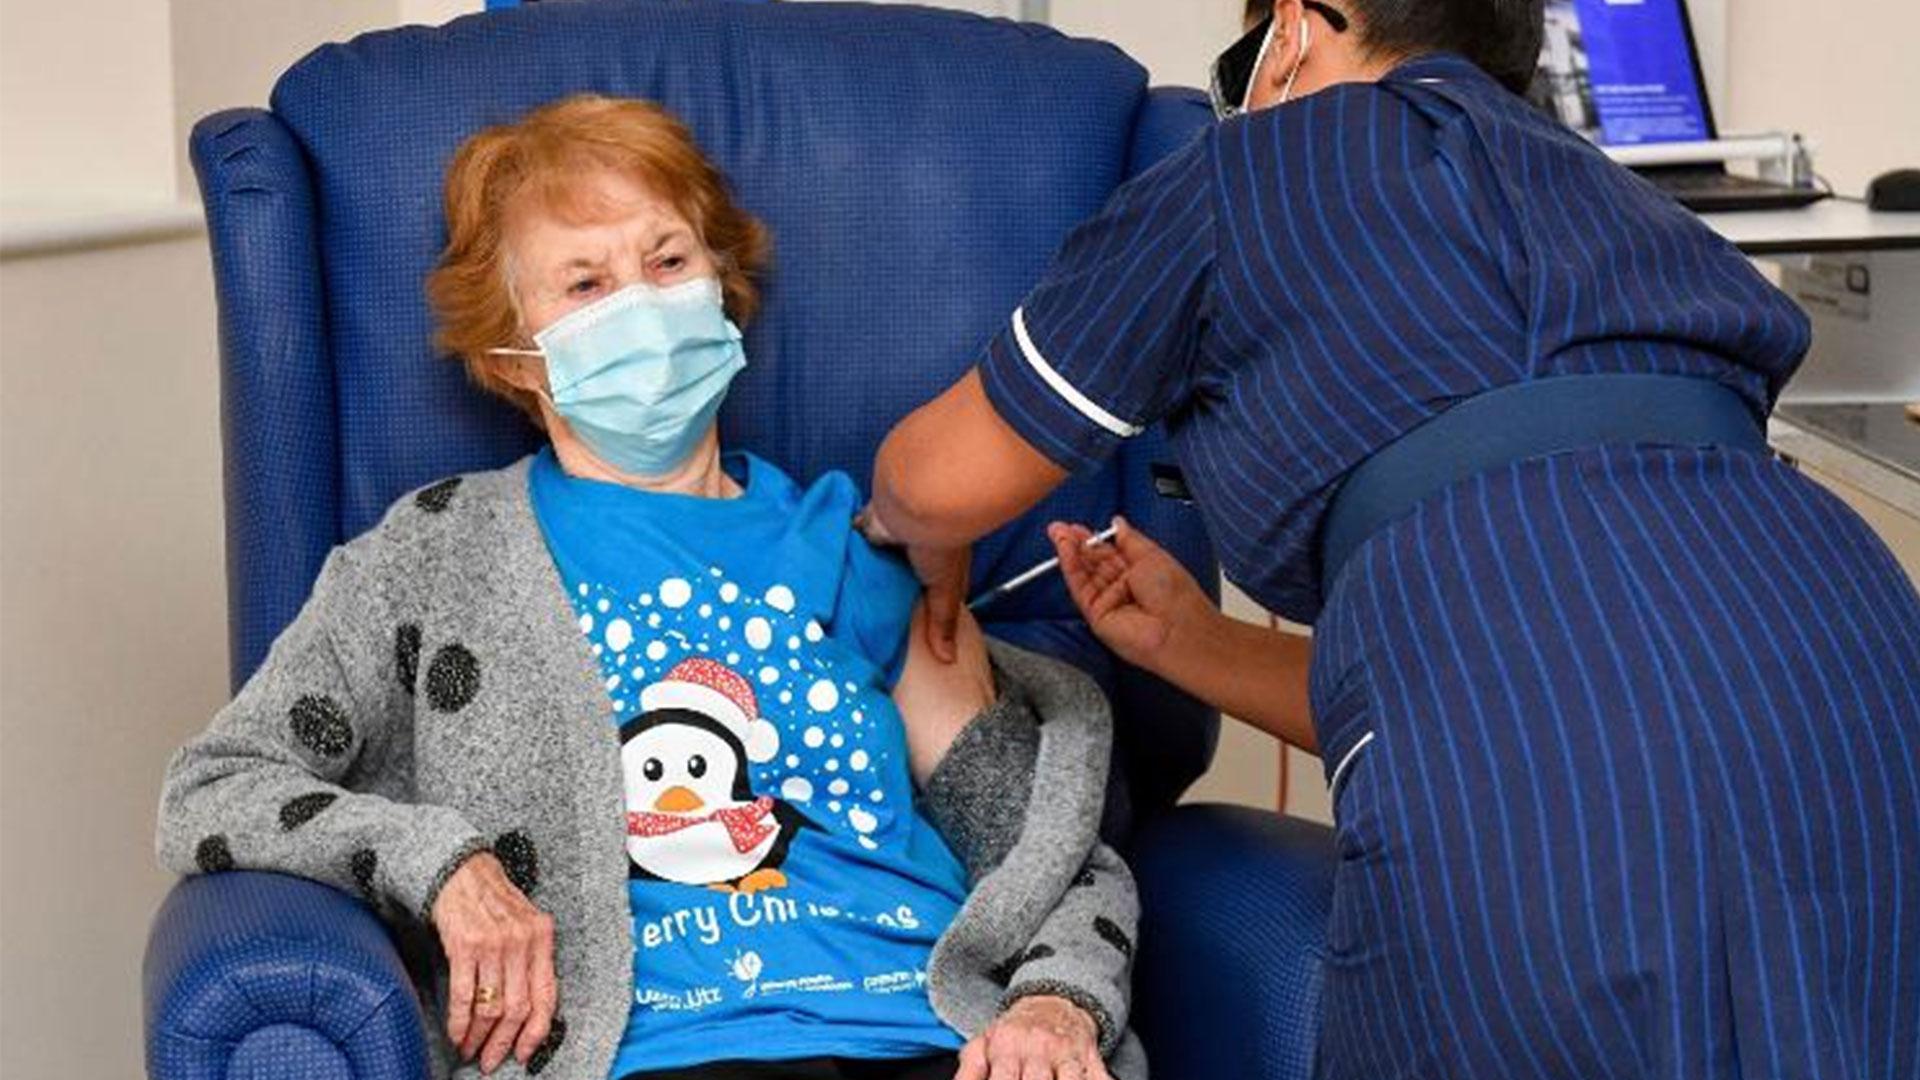 británicos reciben la vacuna contra el covid-19 - ndv